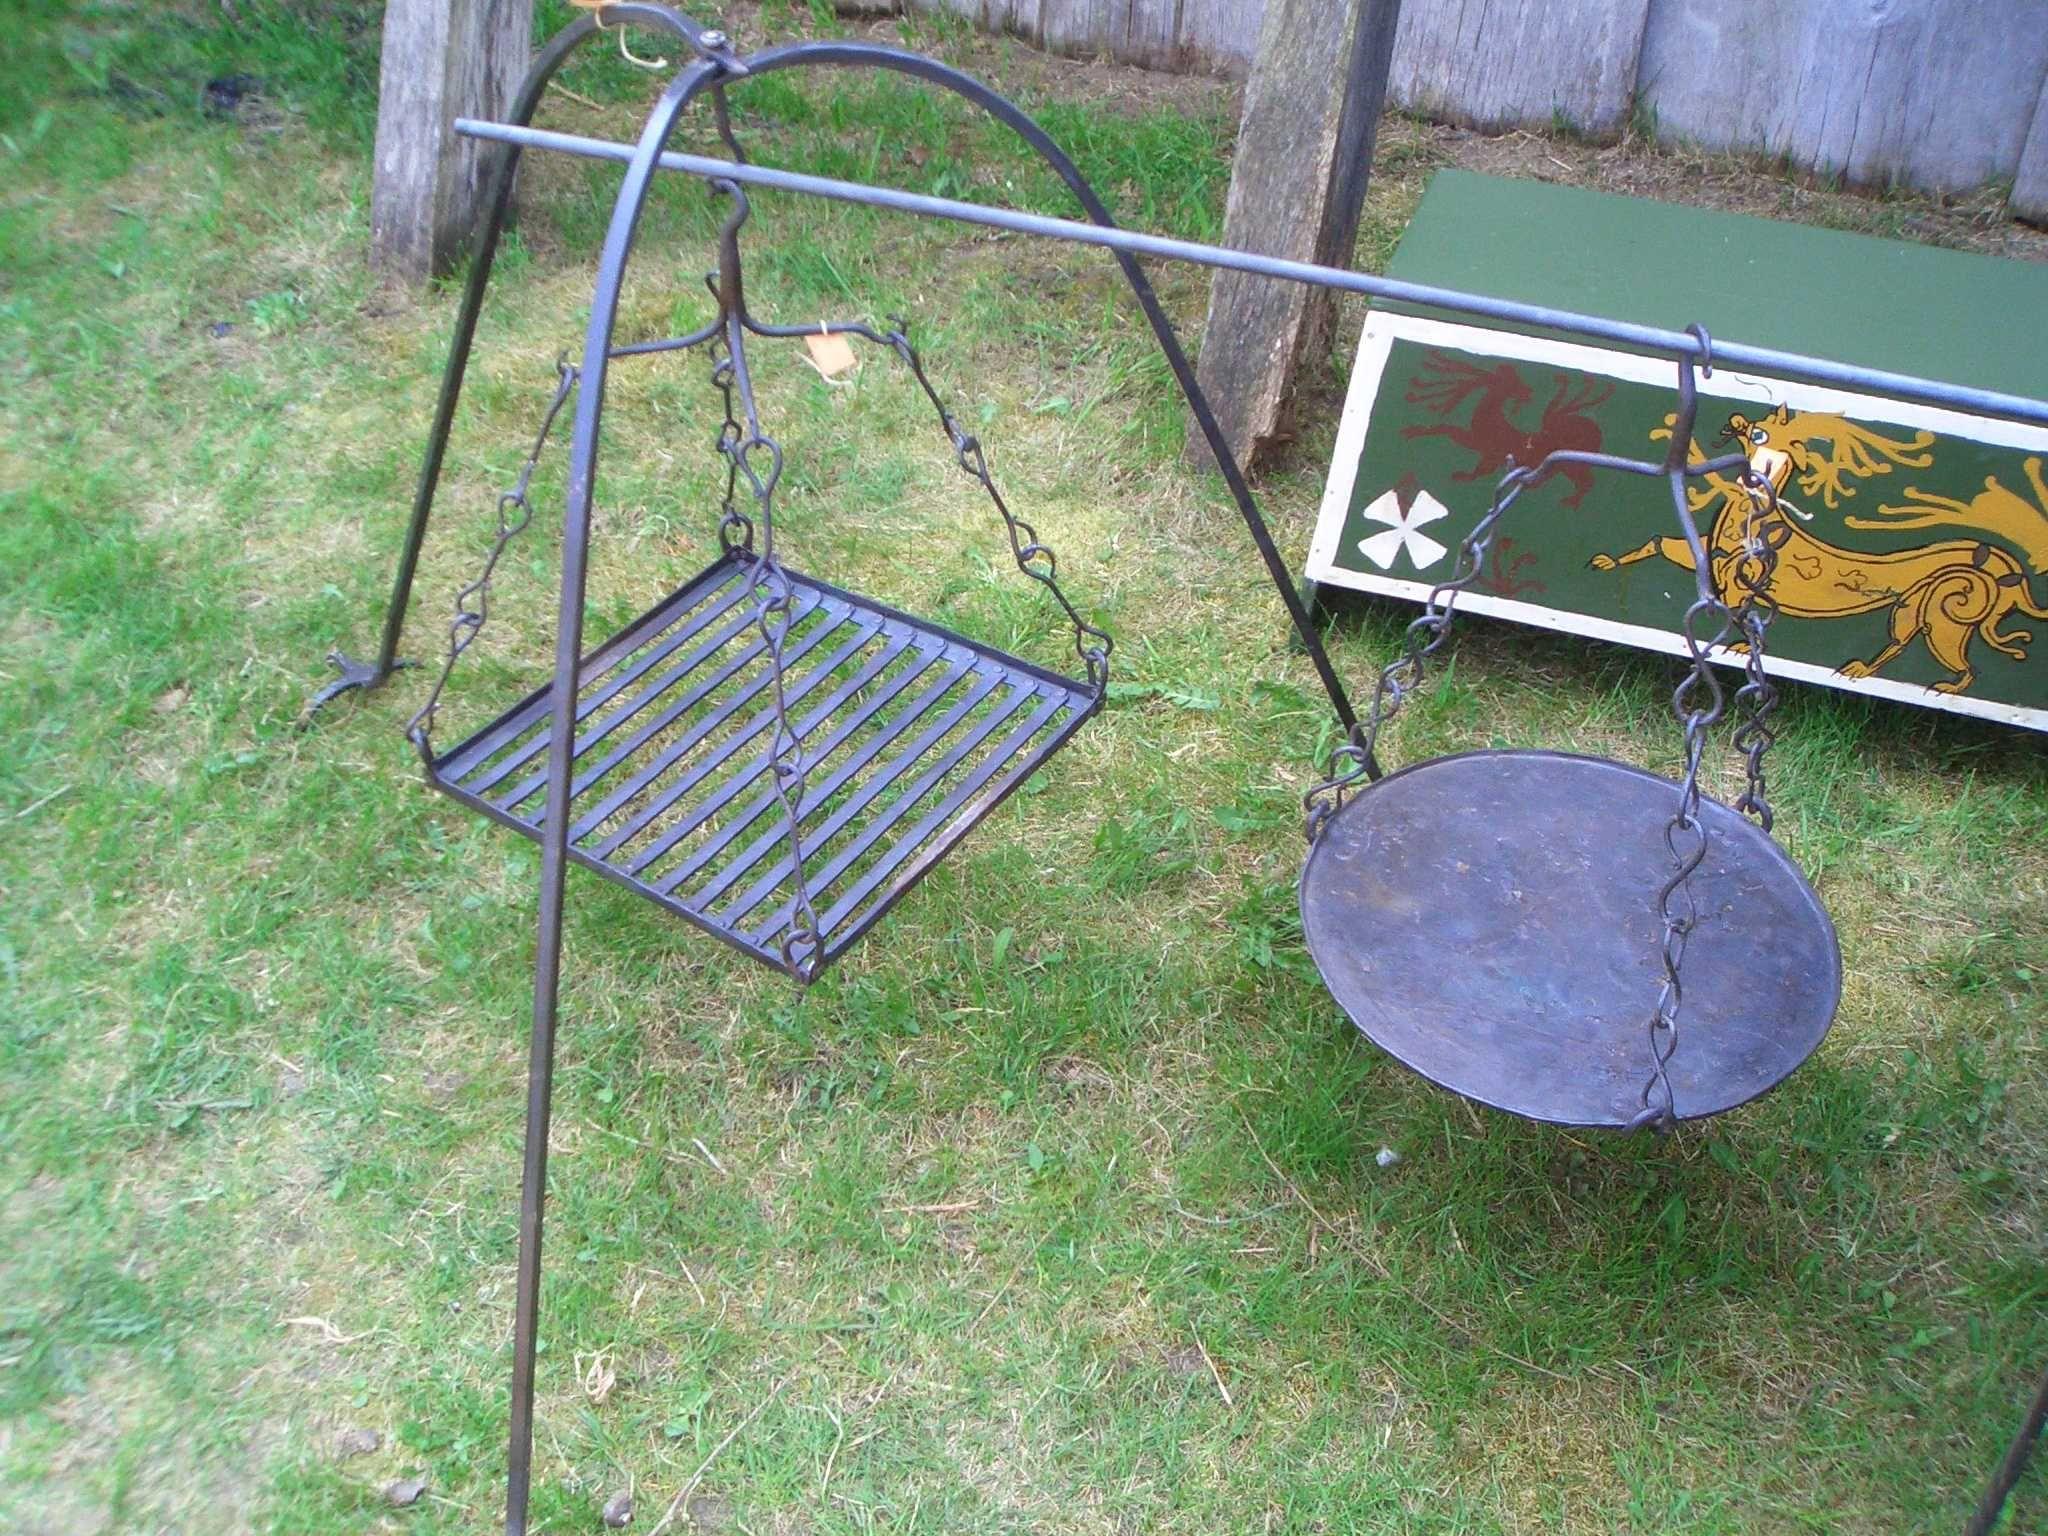 dreibein grill selber bauen google suche dreibein pinterest beine grill selber bauen. Black Bedroom Furniture Sets. Home Design Ideas